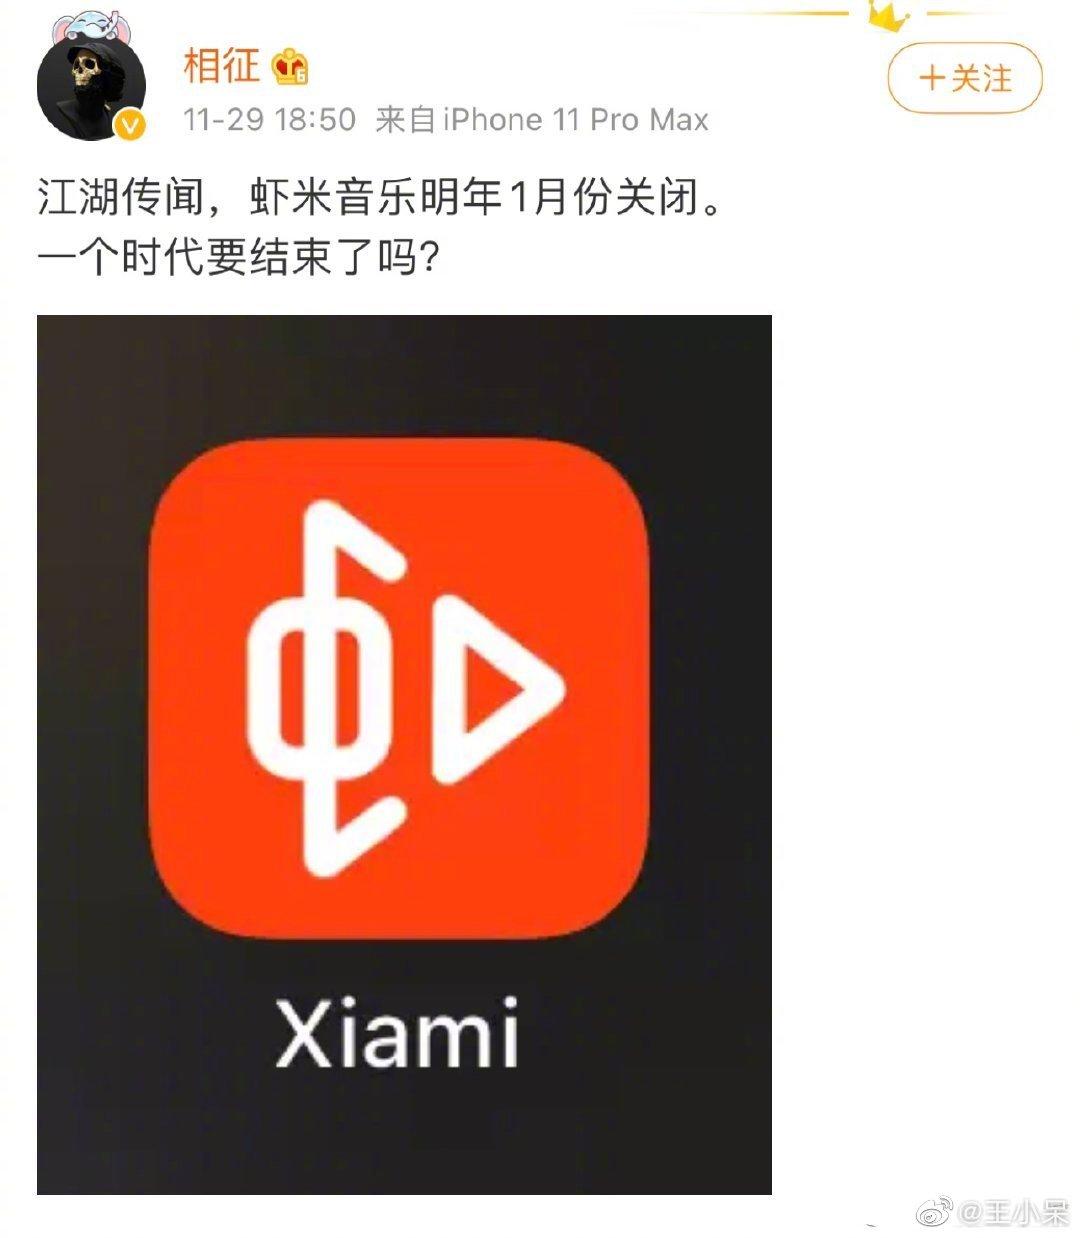 网传虾米音乐将于明年1月关闭 官方暂无回应